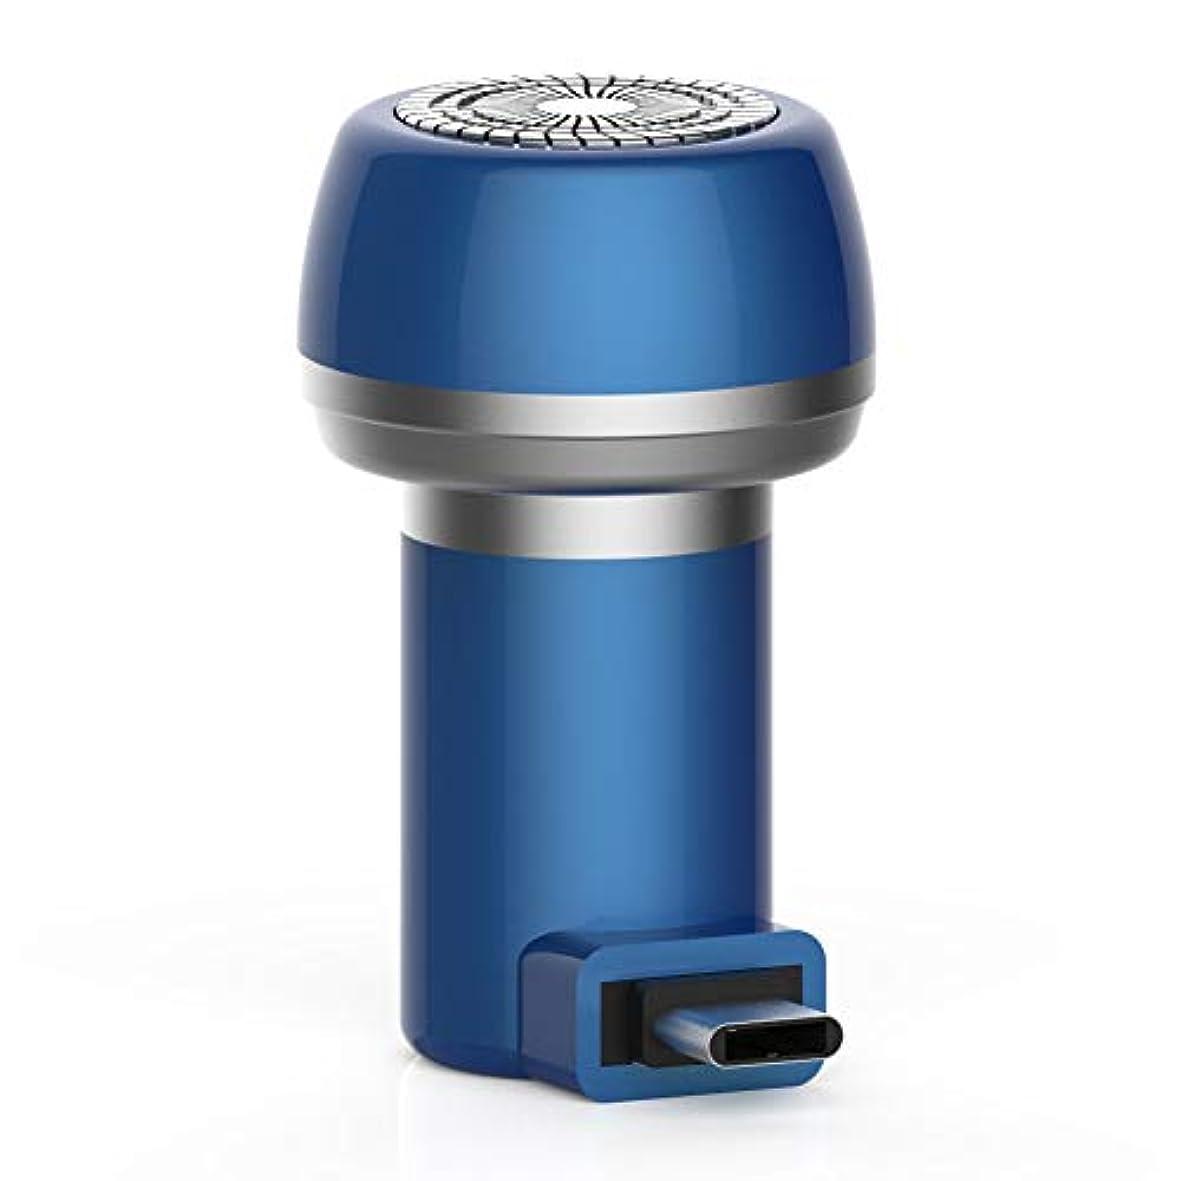 聖なる川トランスペアレントBeaurtty 2 1磁気電気シェーバーミニポータブルType-C USB防水剃刀